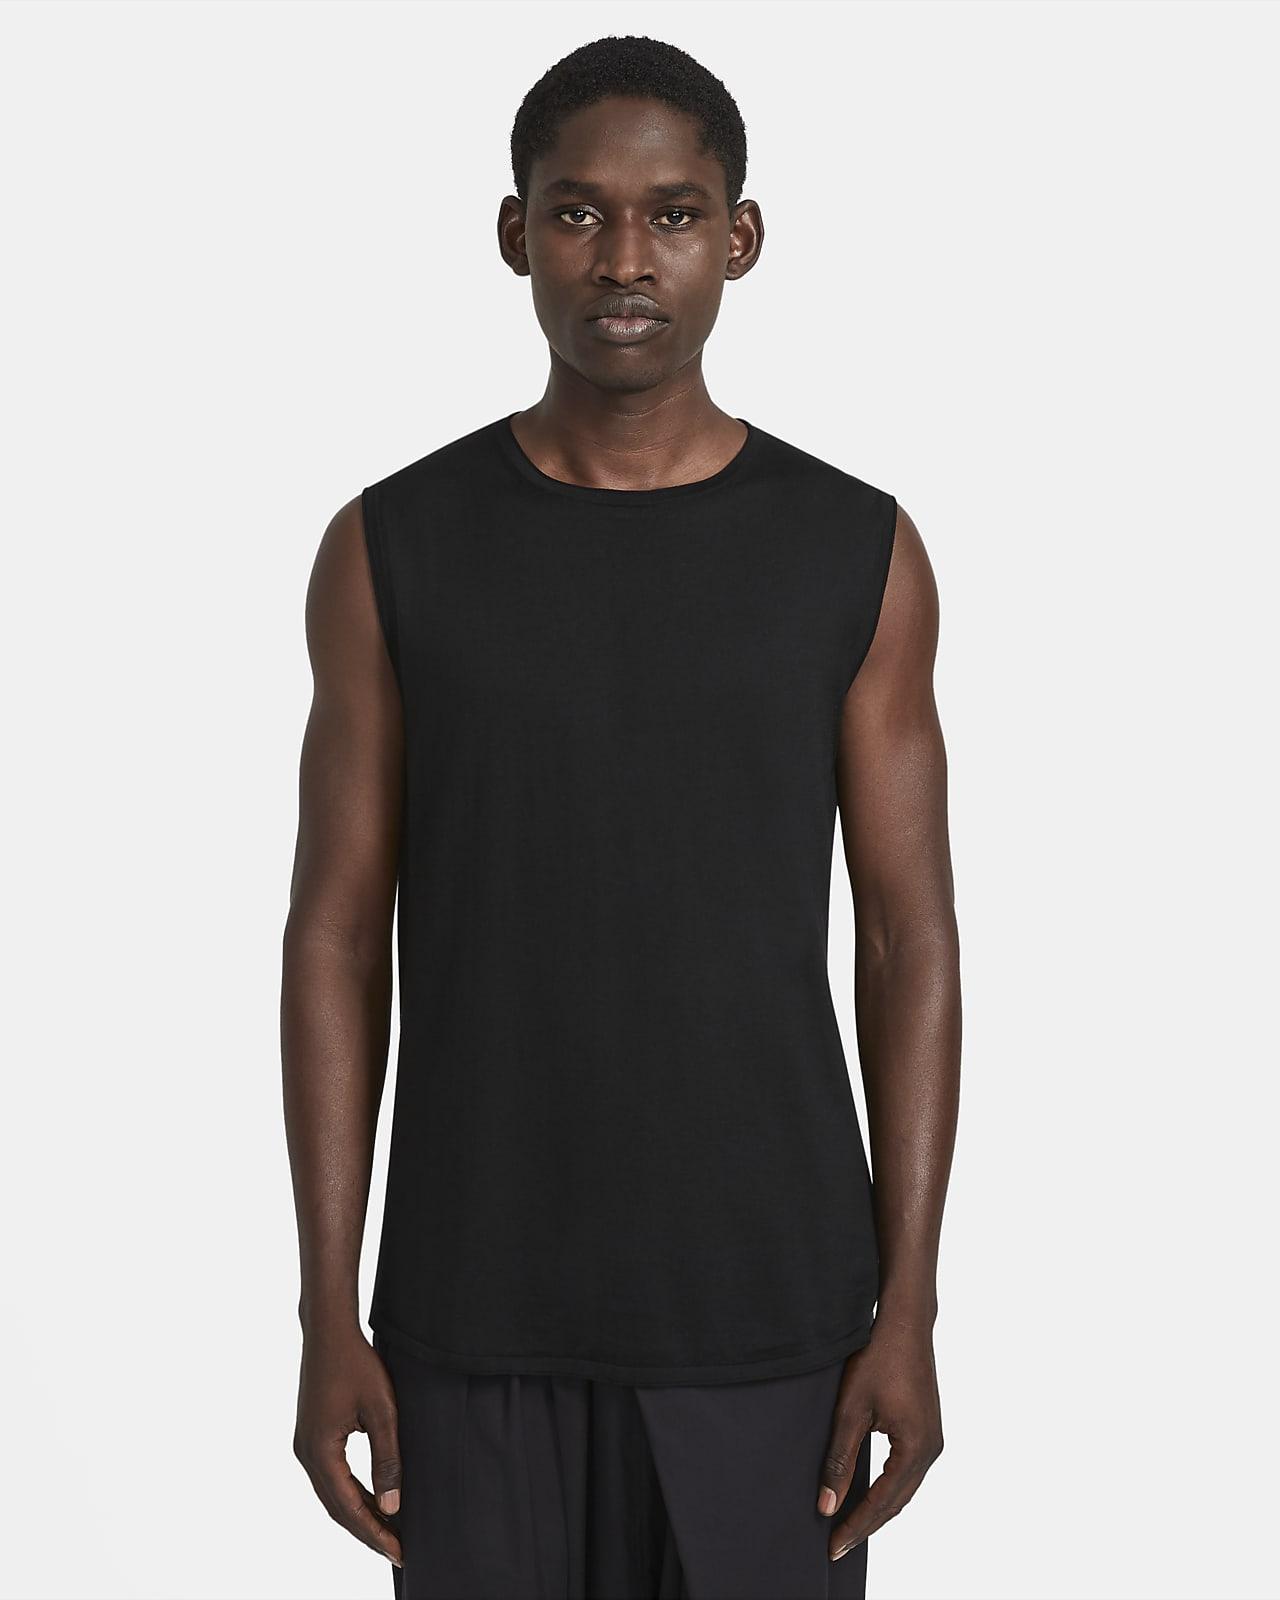 Nike ESC Men's Sleeveless Top